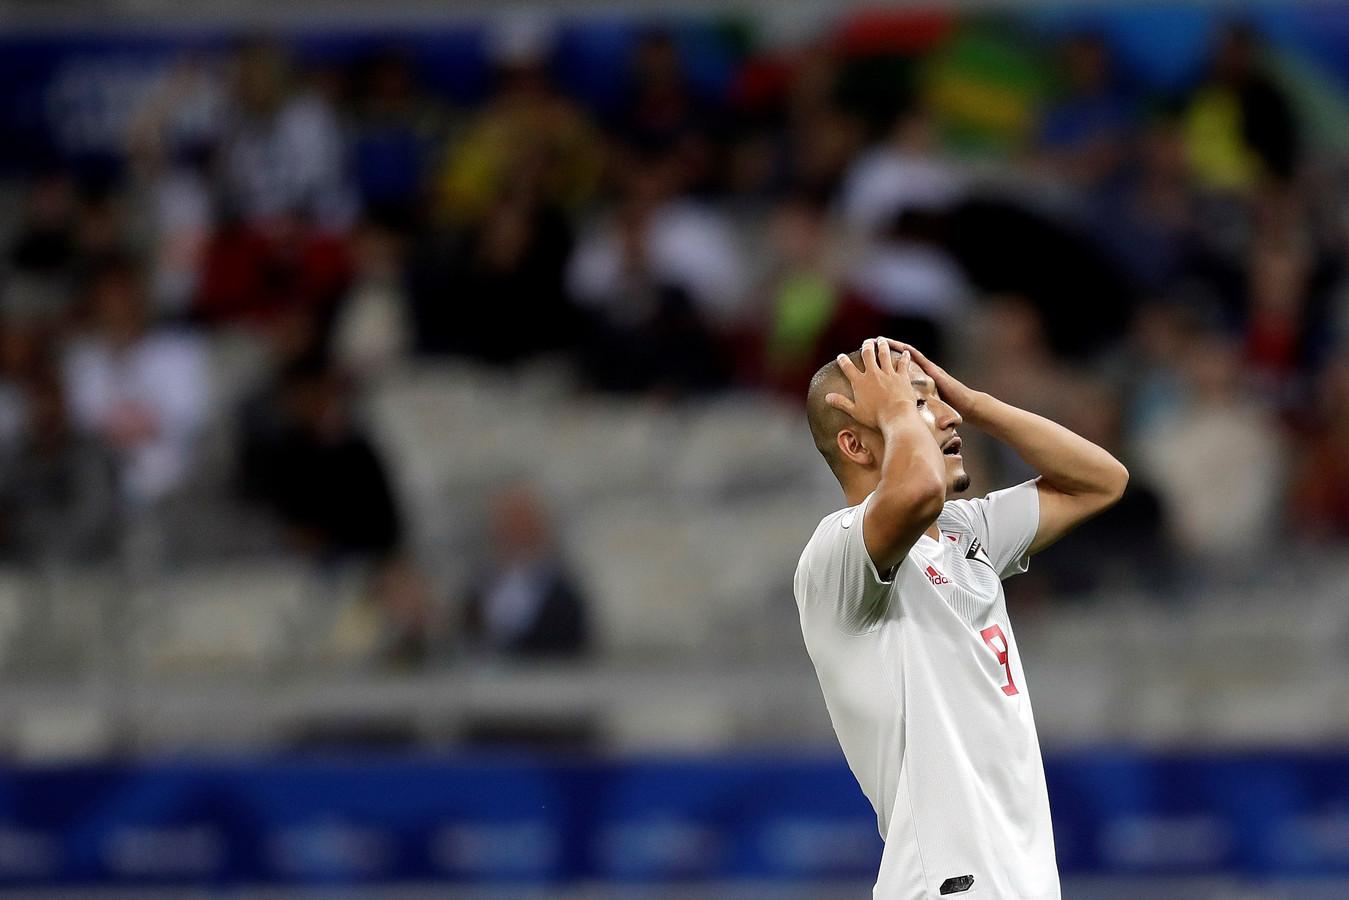 De Japanner Daizen Maeda mist een kans op een doelpunt.